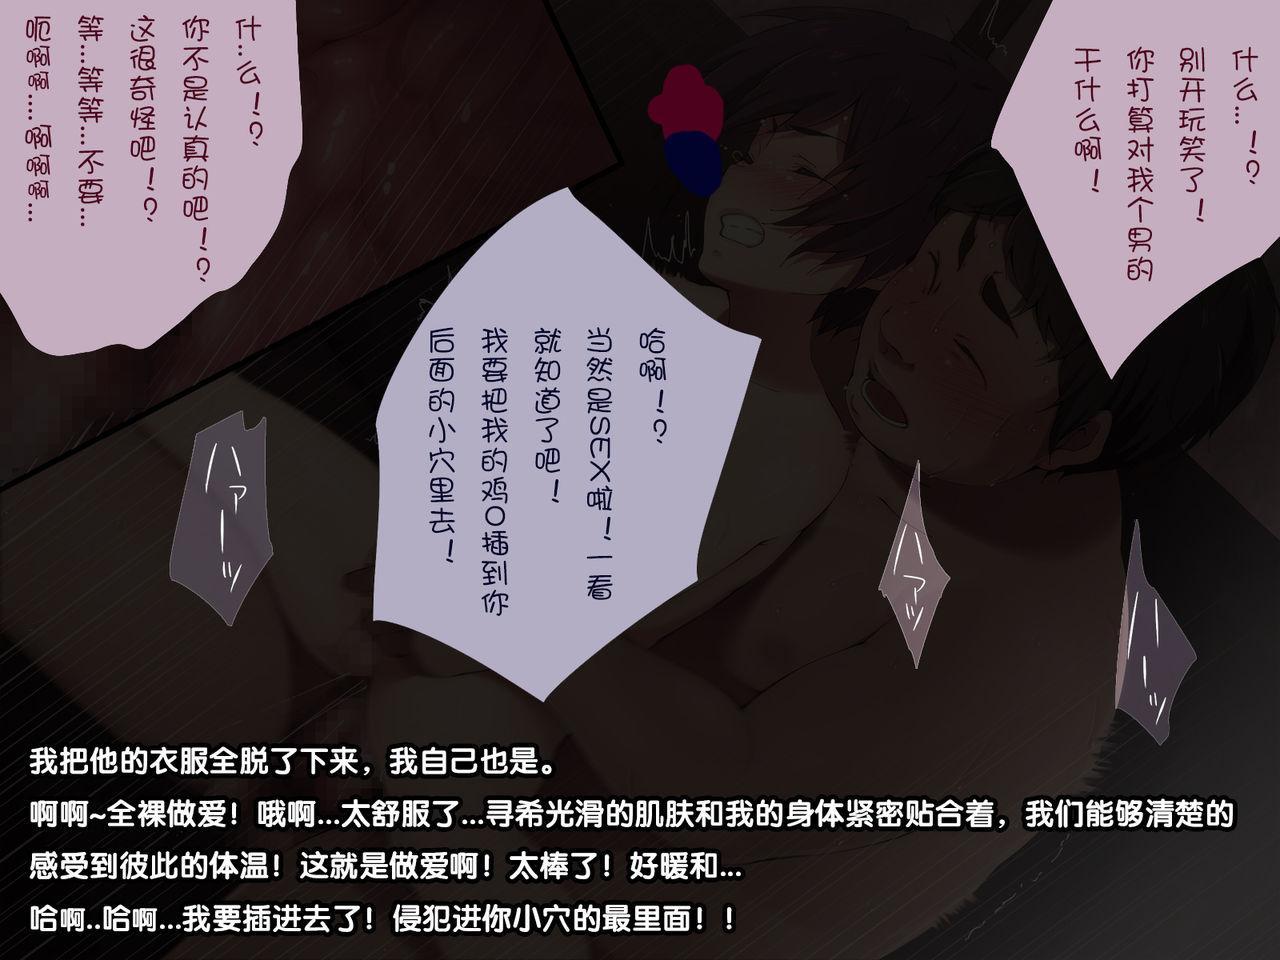 Seiryokuzai de Seiyoku Bouhatsu! Tairyou Tanetsuke de Shota Kyoudai Kyousei Harabote! 27